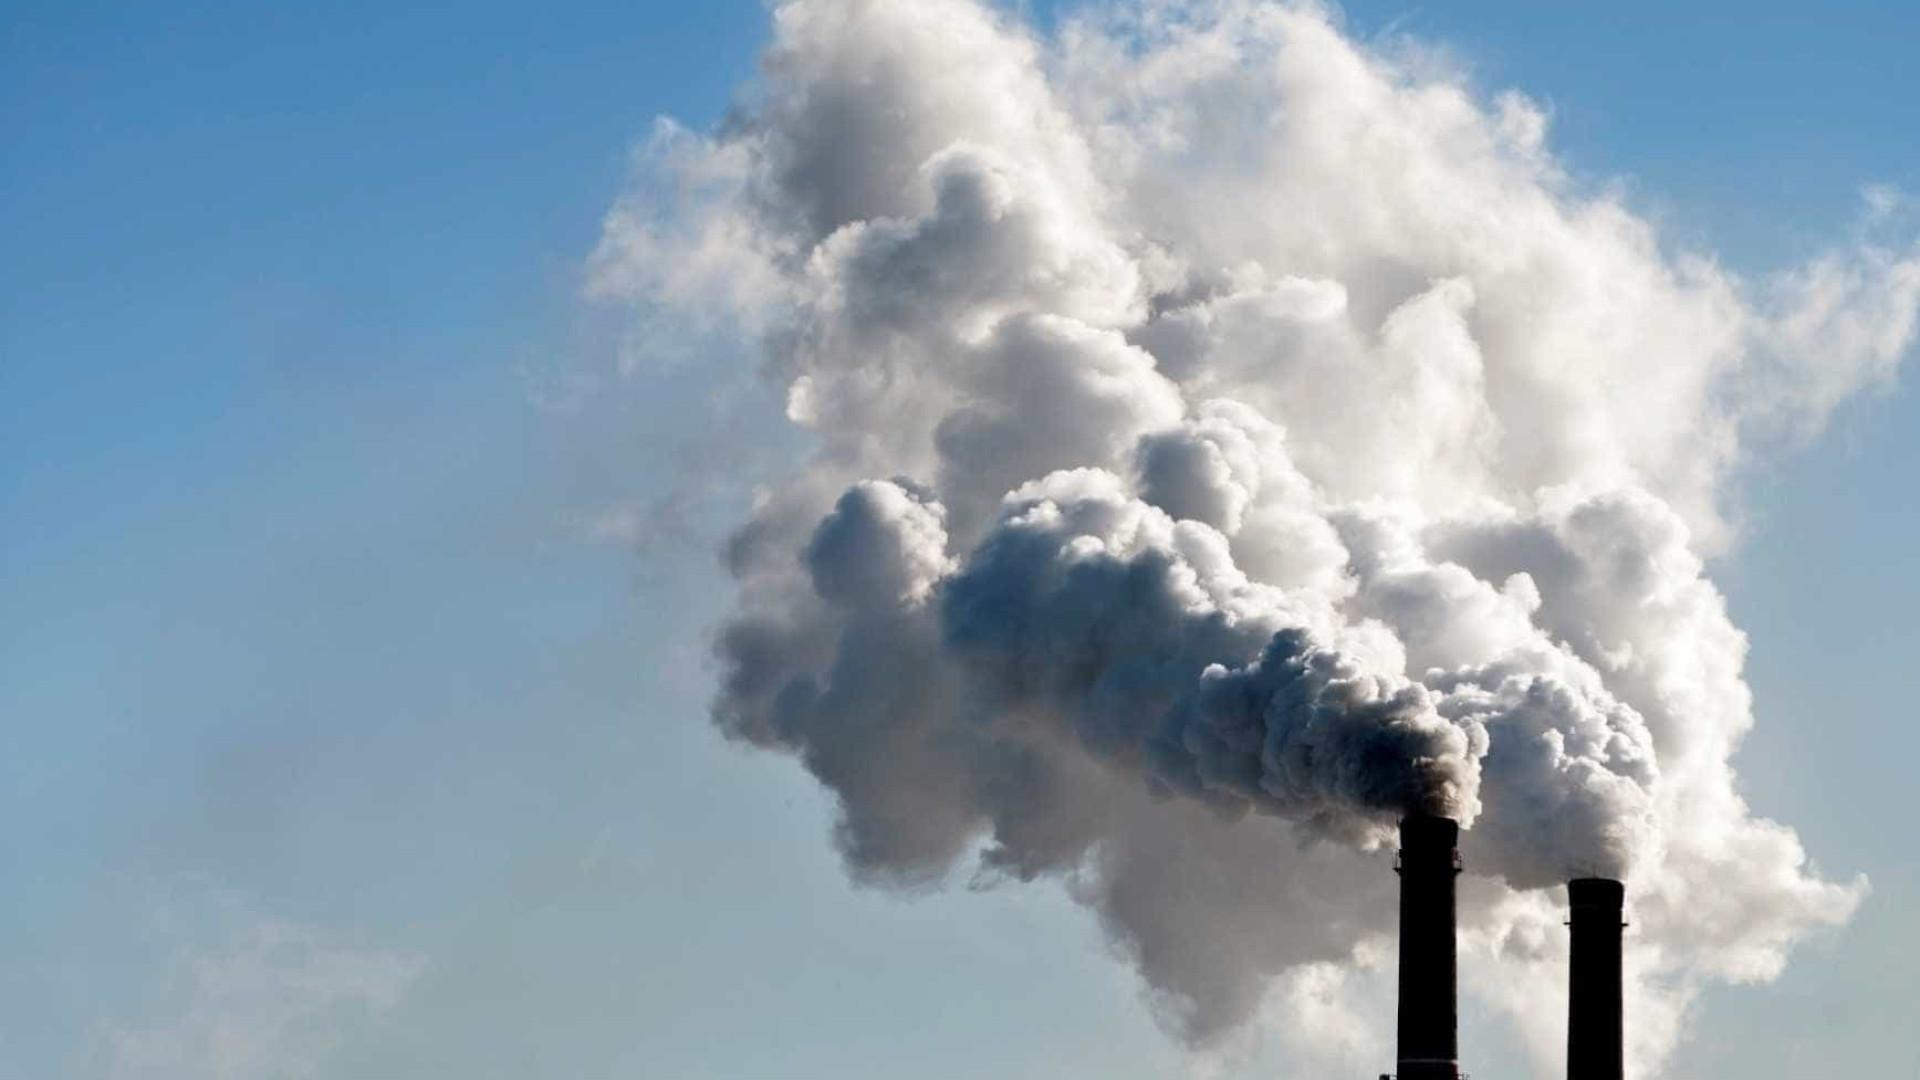 Prometer carbono zero em 2050 não é relevante, diz presidente da Suzano